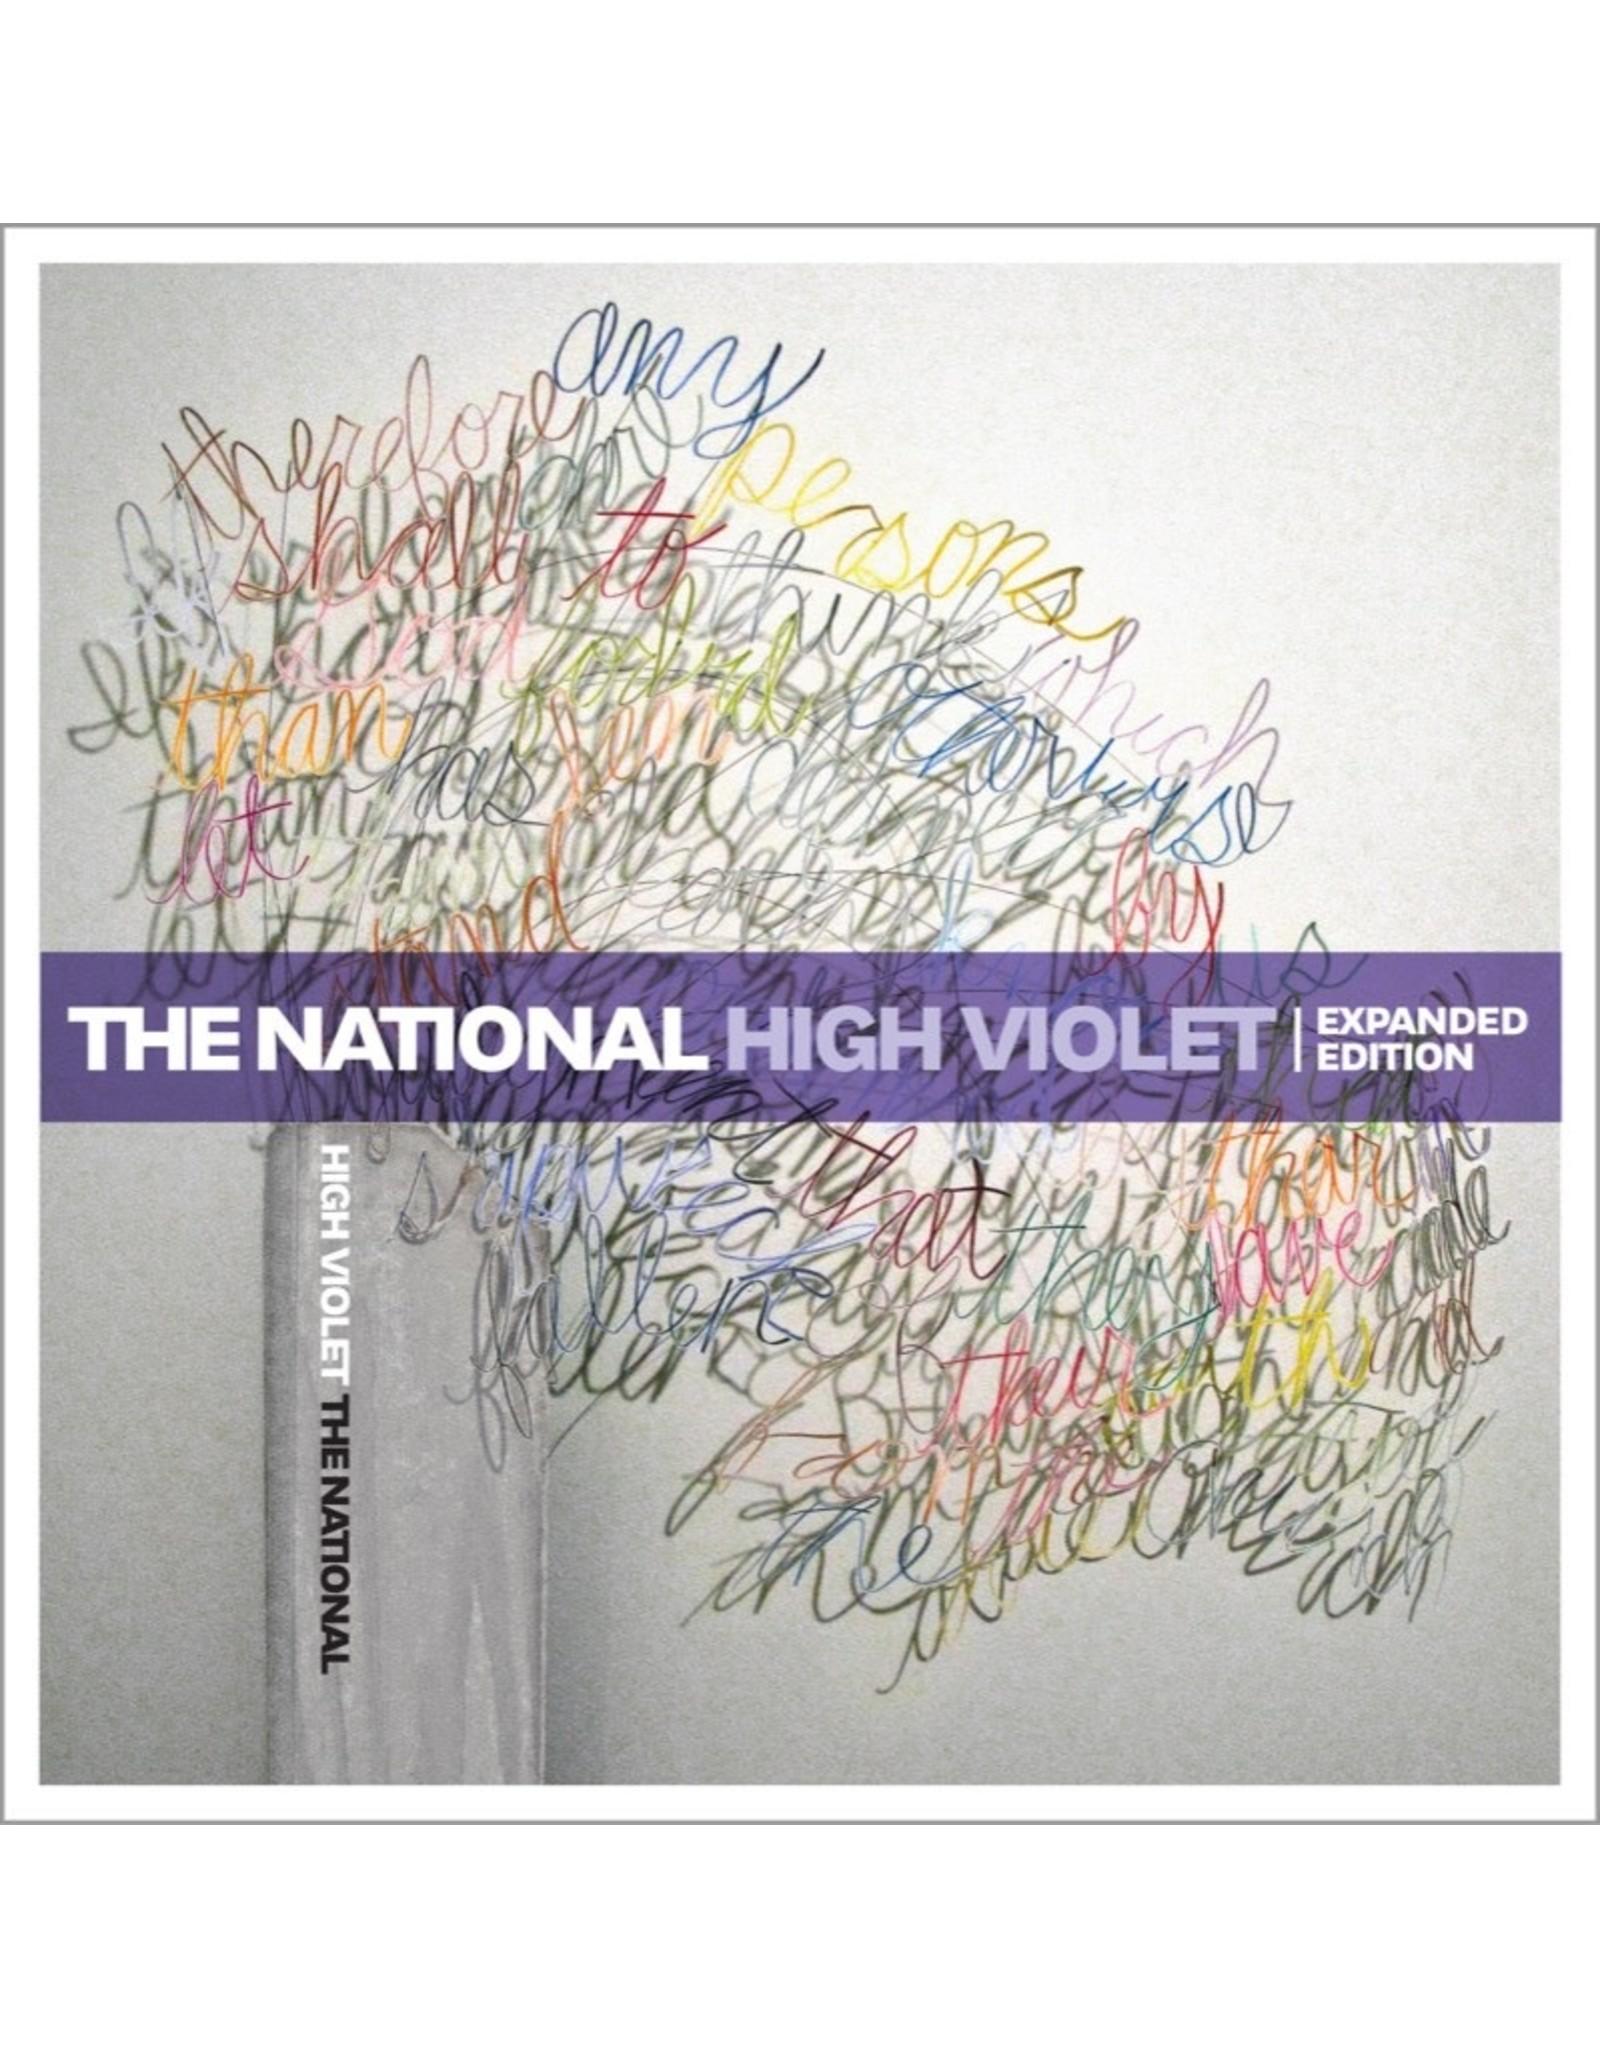 National - High Violet 2LP